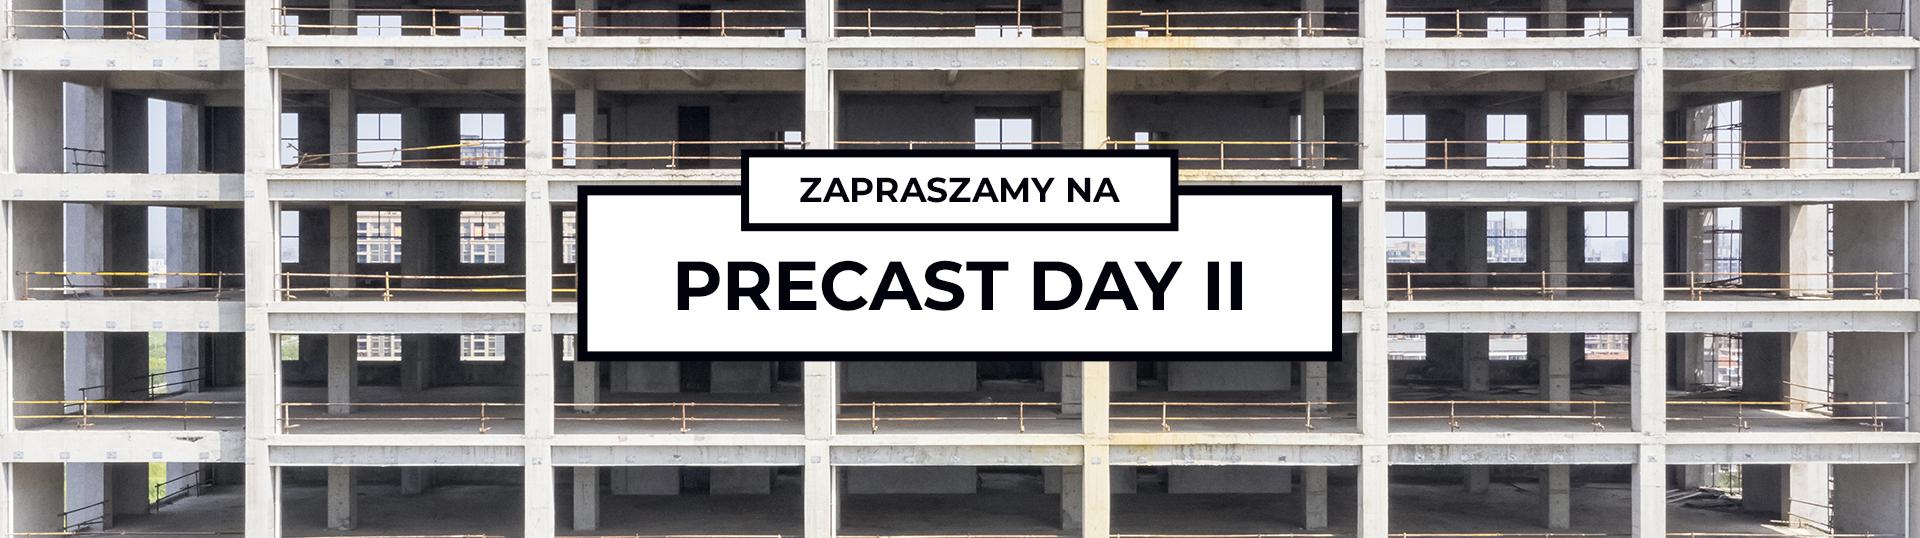 Zapraszamy na konferencję Precast DAY II